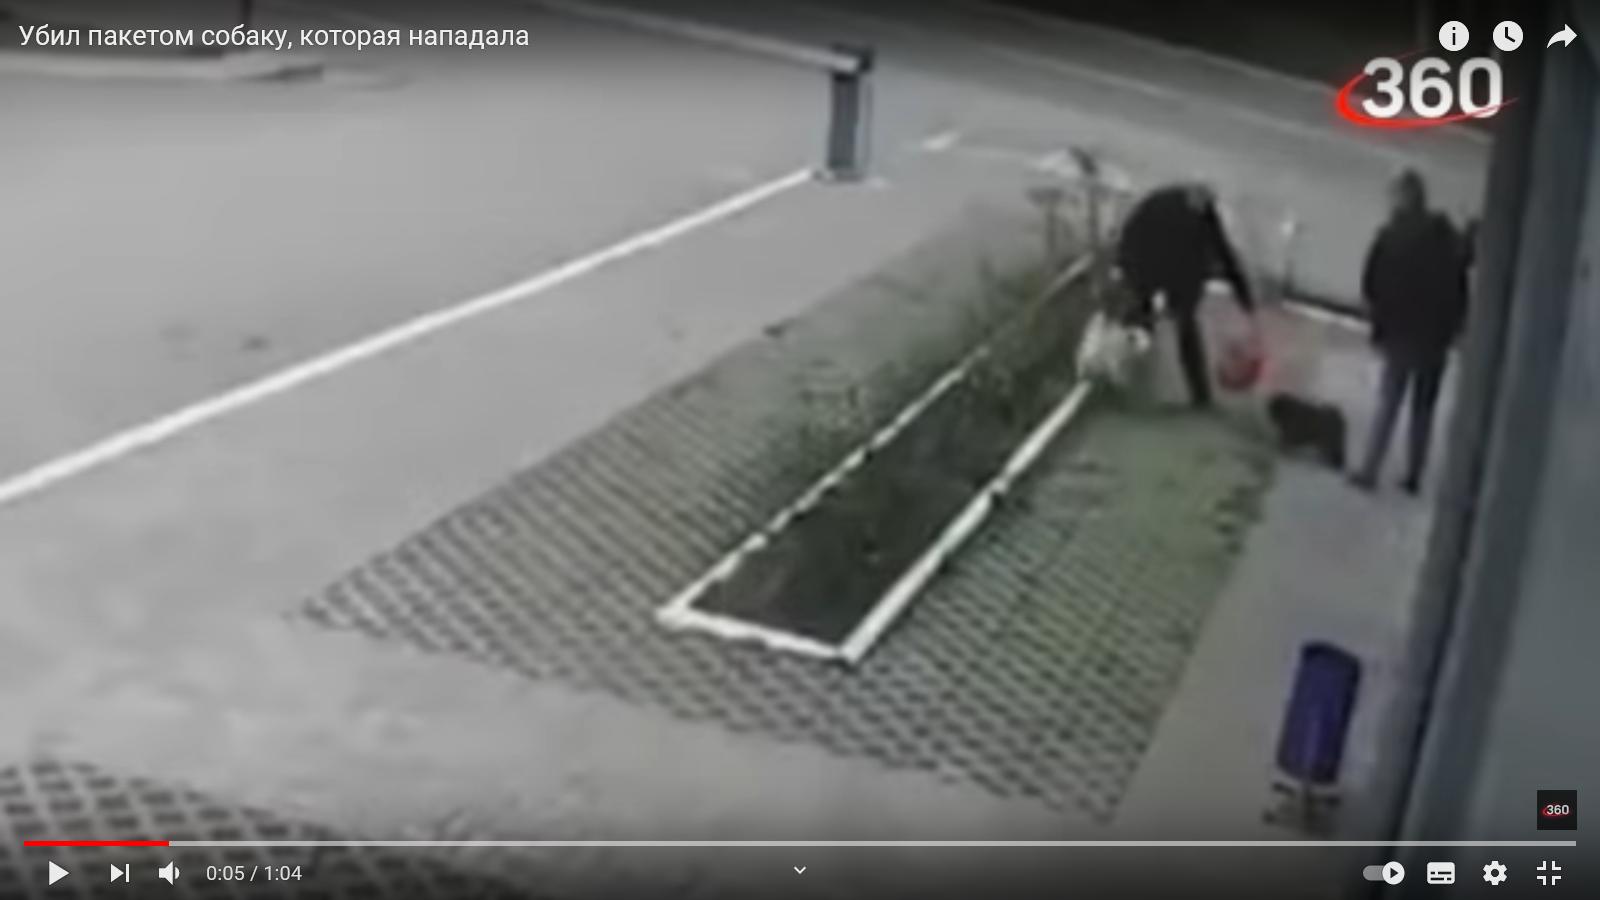 Отмахнулся от неожиданно напавшей собаки и убил ее